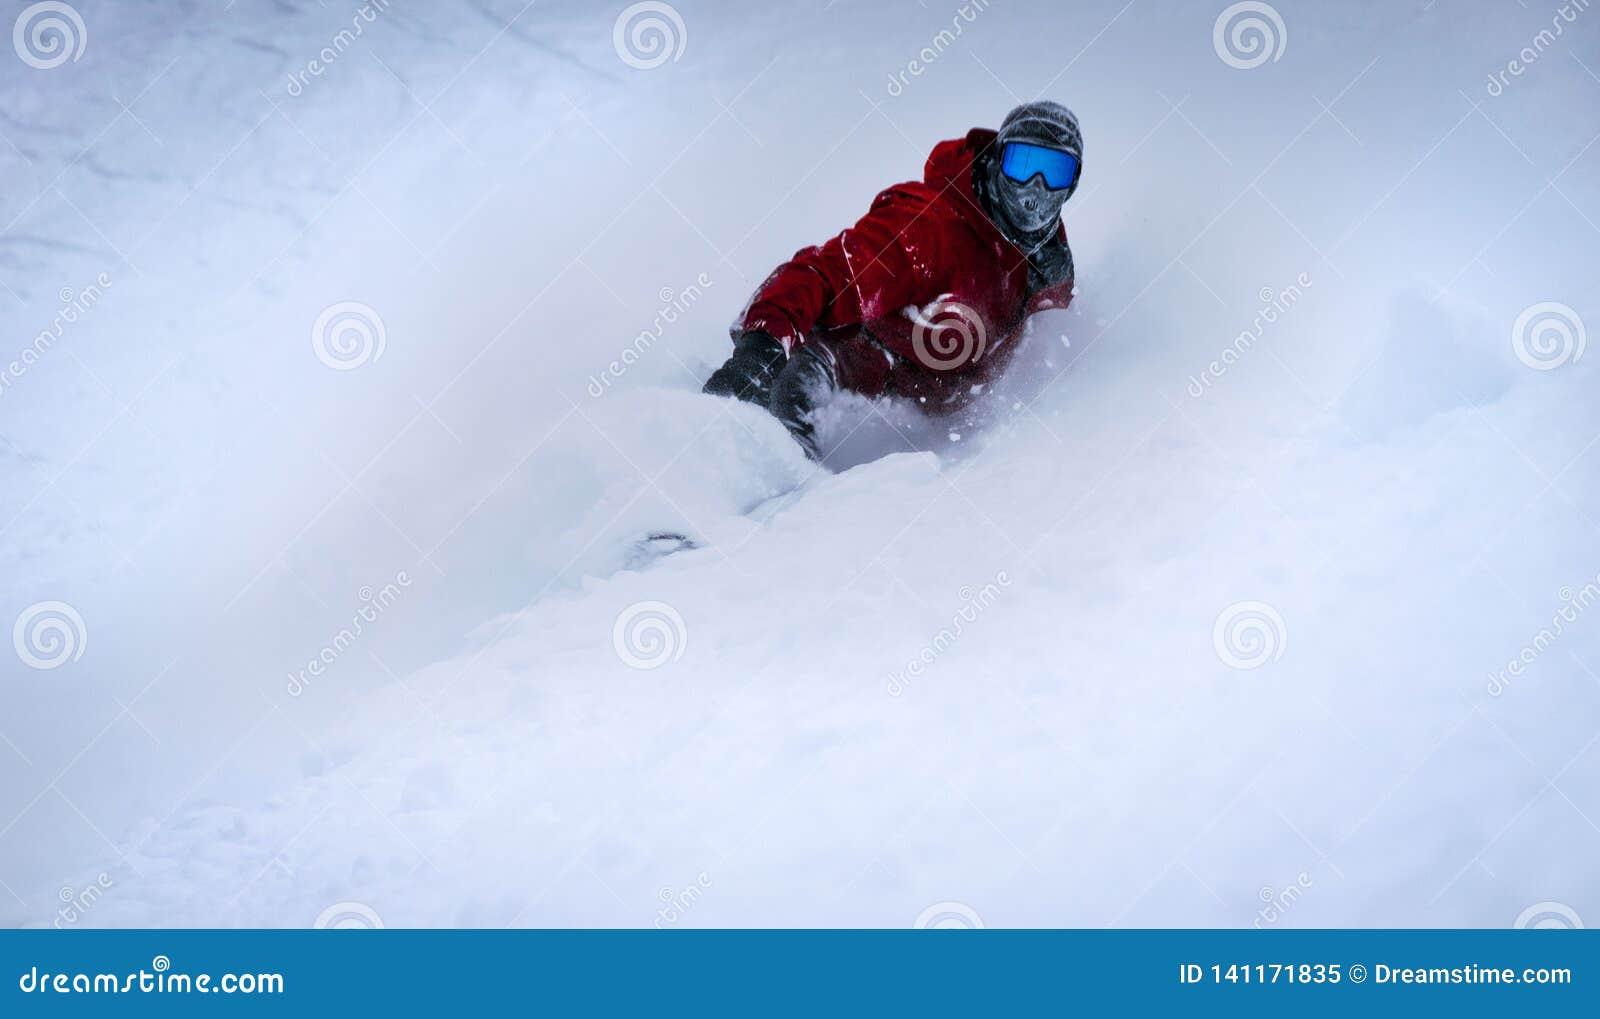 Snowboarding at sunshine, banff, Canada